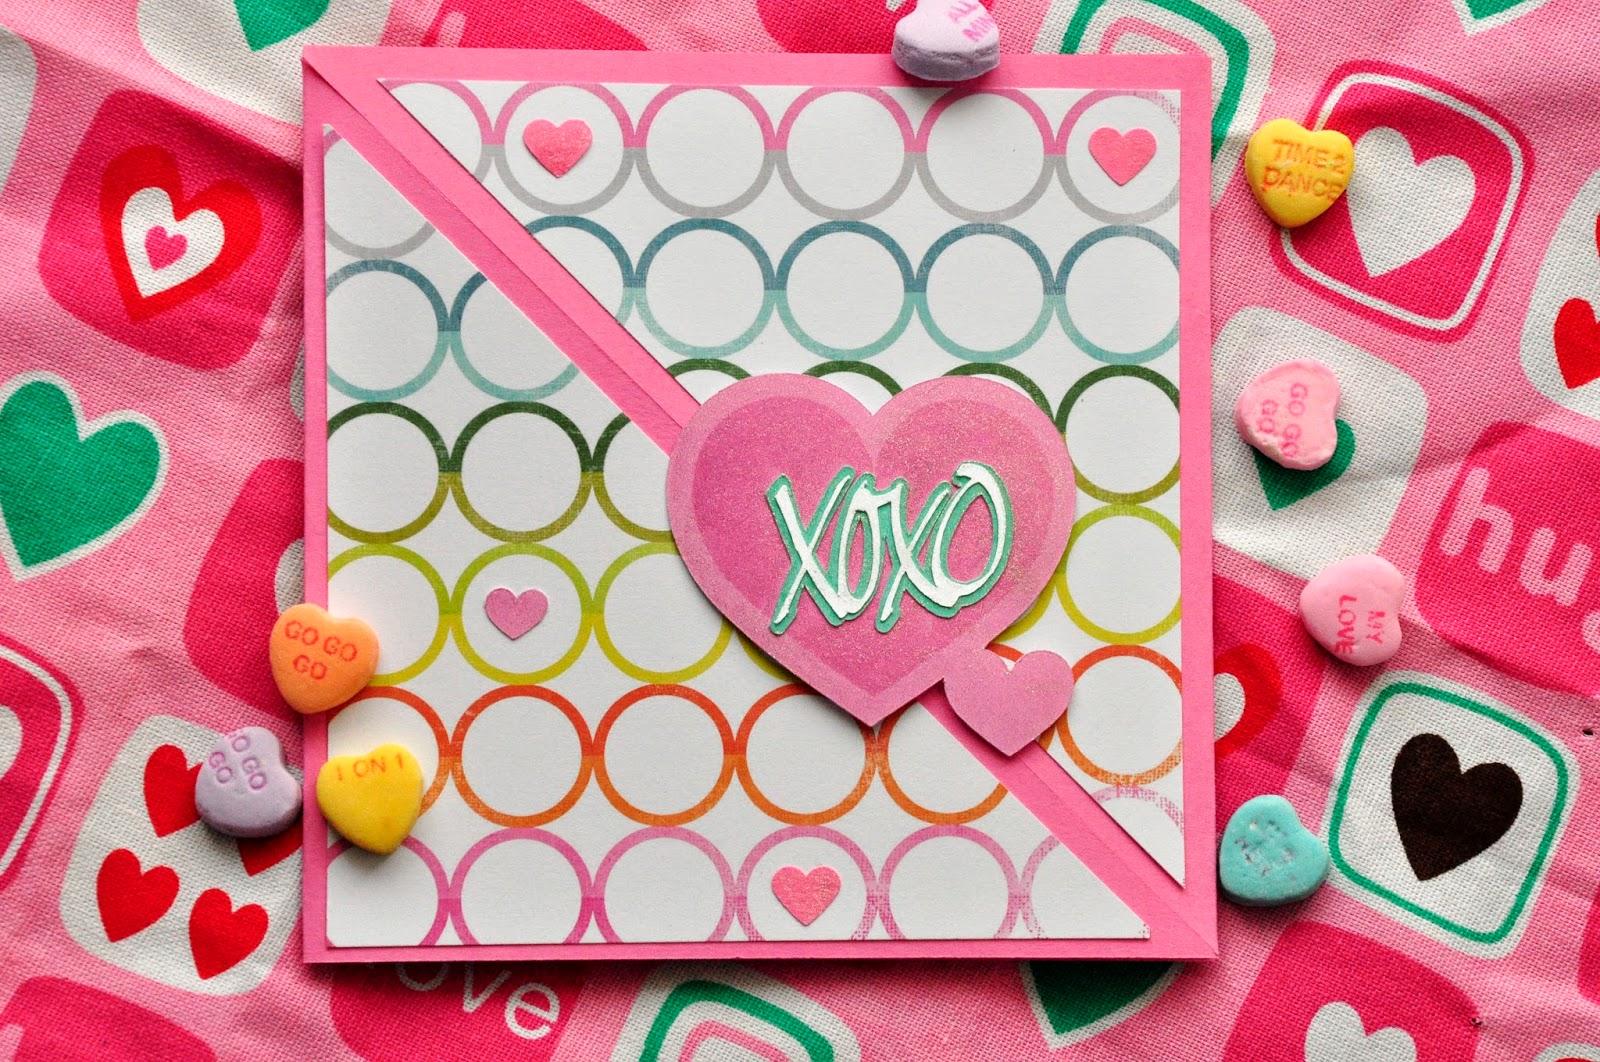 http://4.bp.blogspot.com/-yTaflALeutY/VLKVsvas__I/AAAAAAAAJxA/hKIrdNeepys/s1600/Valentine%2BCrissCross.jpg